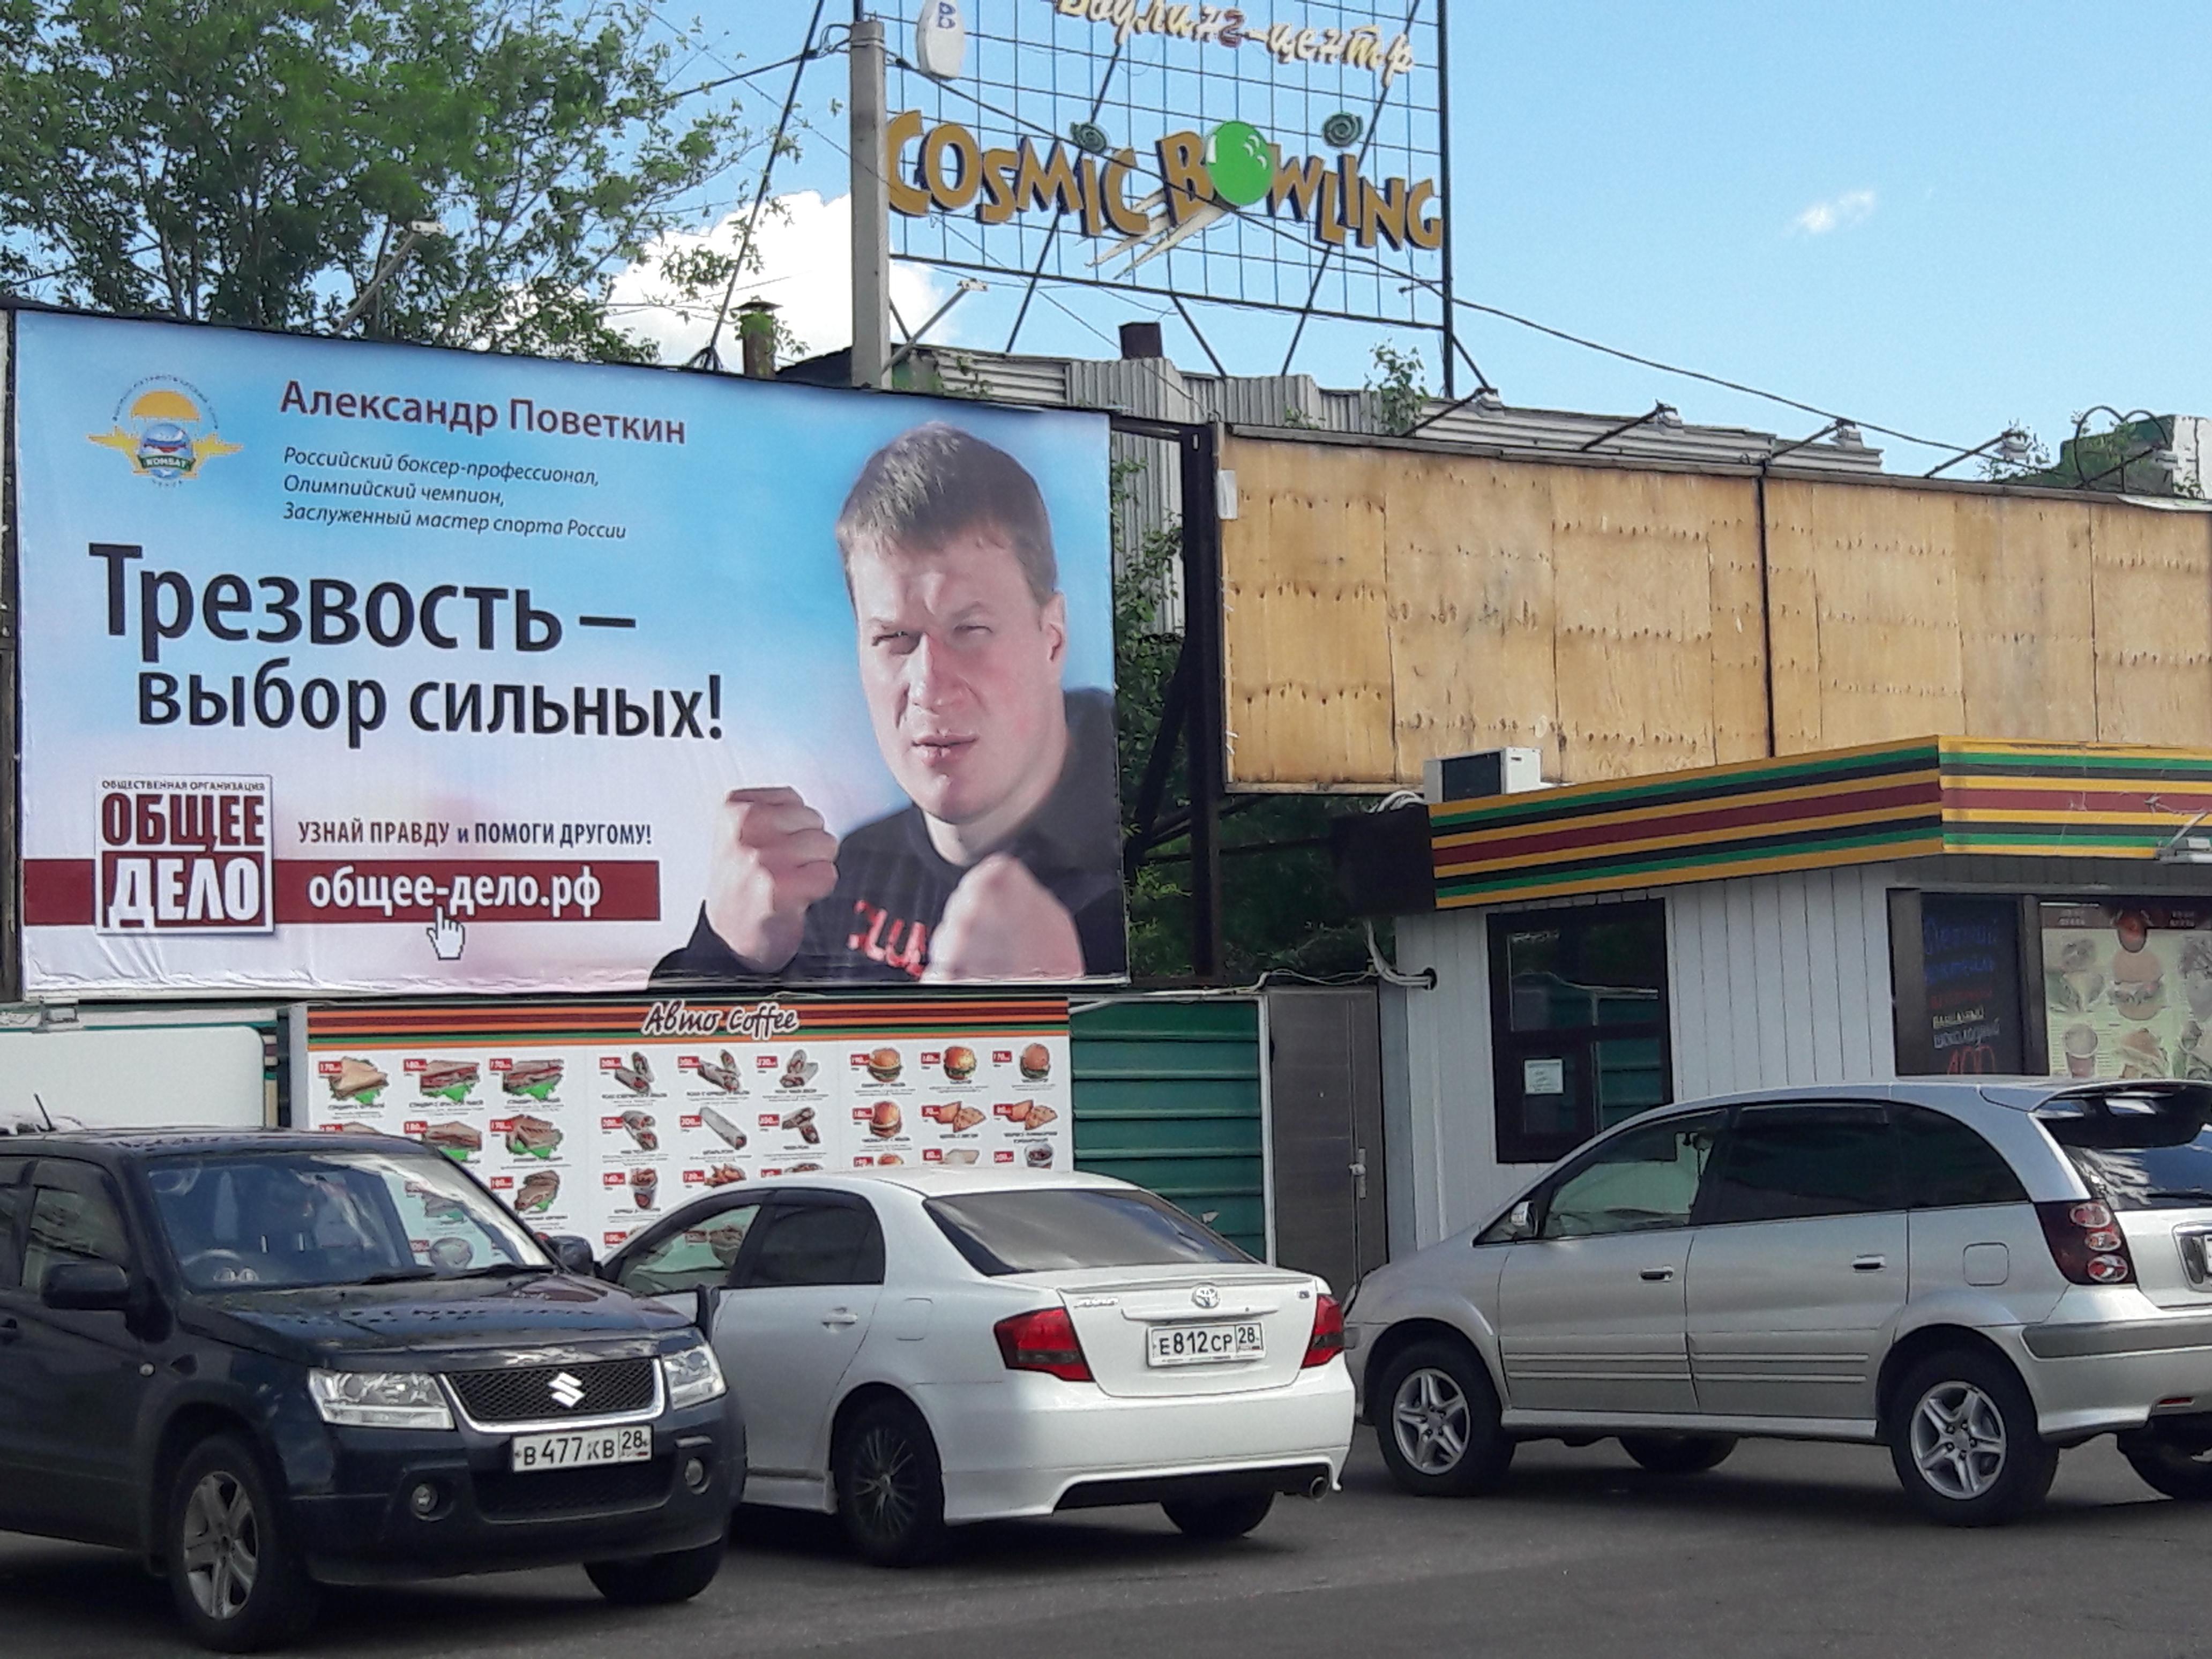 Баннер Общего дела в Благовещенске!